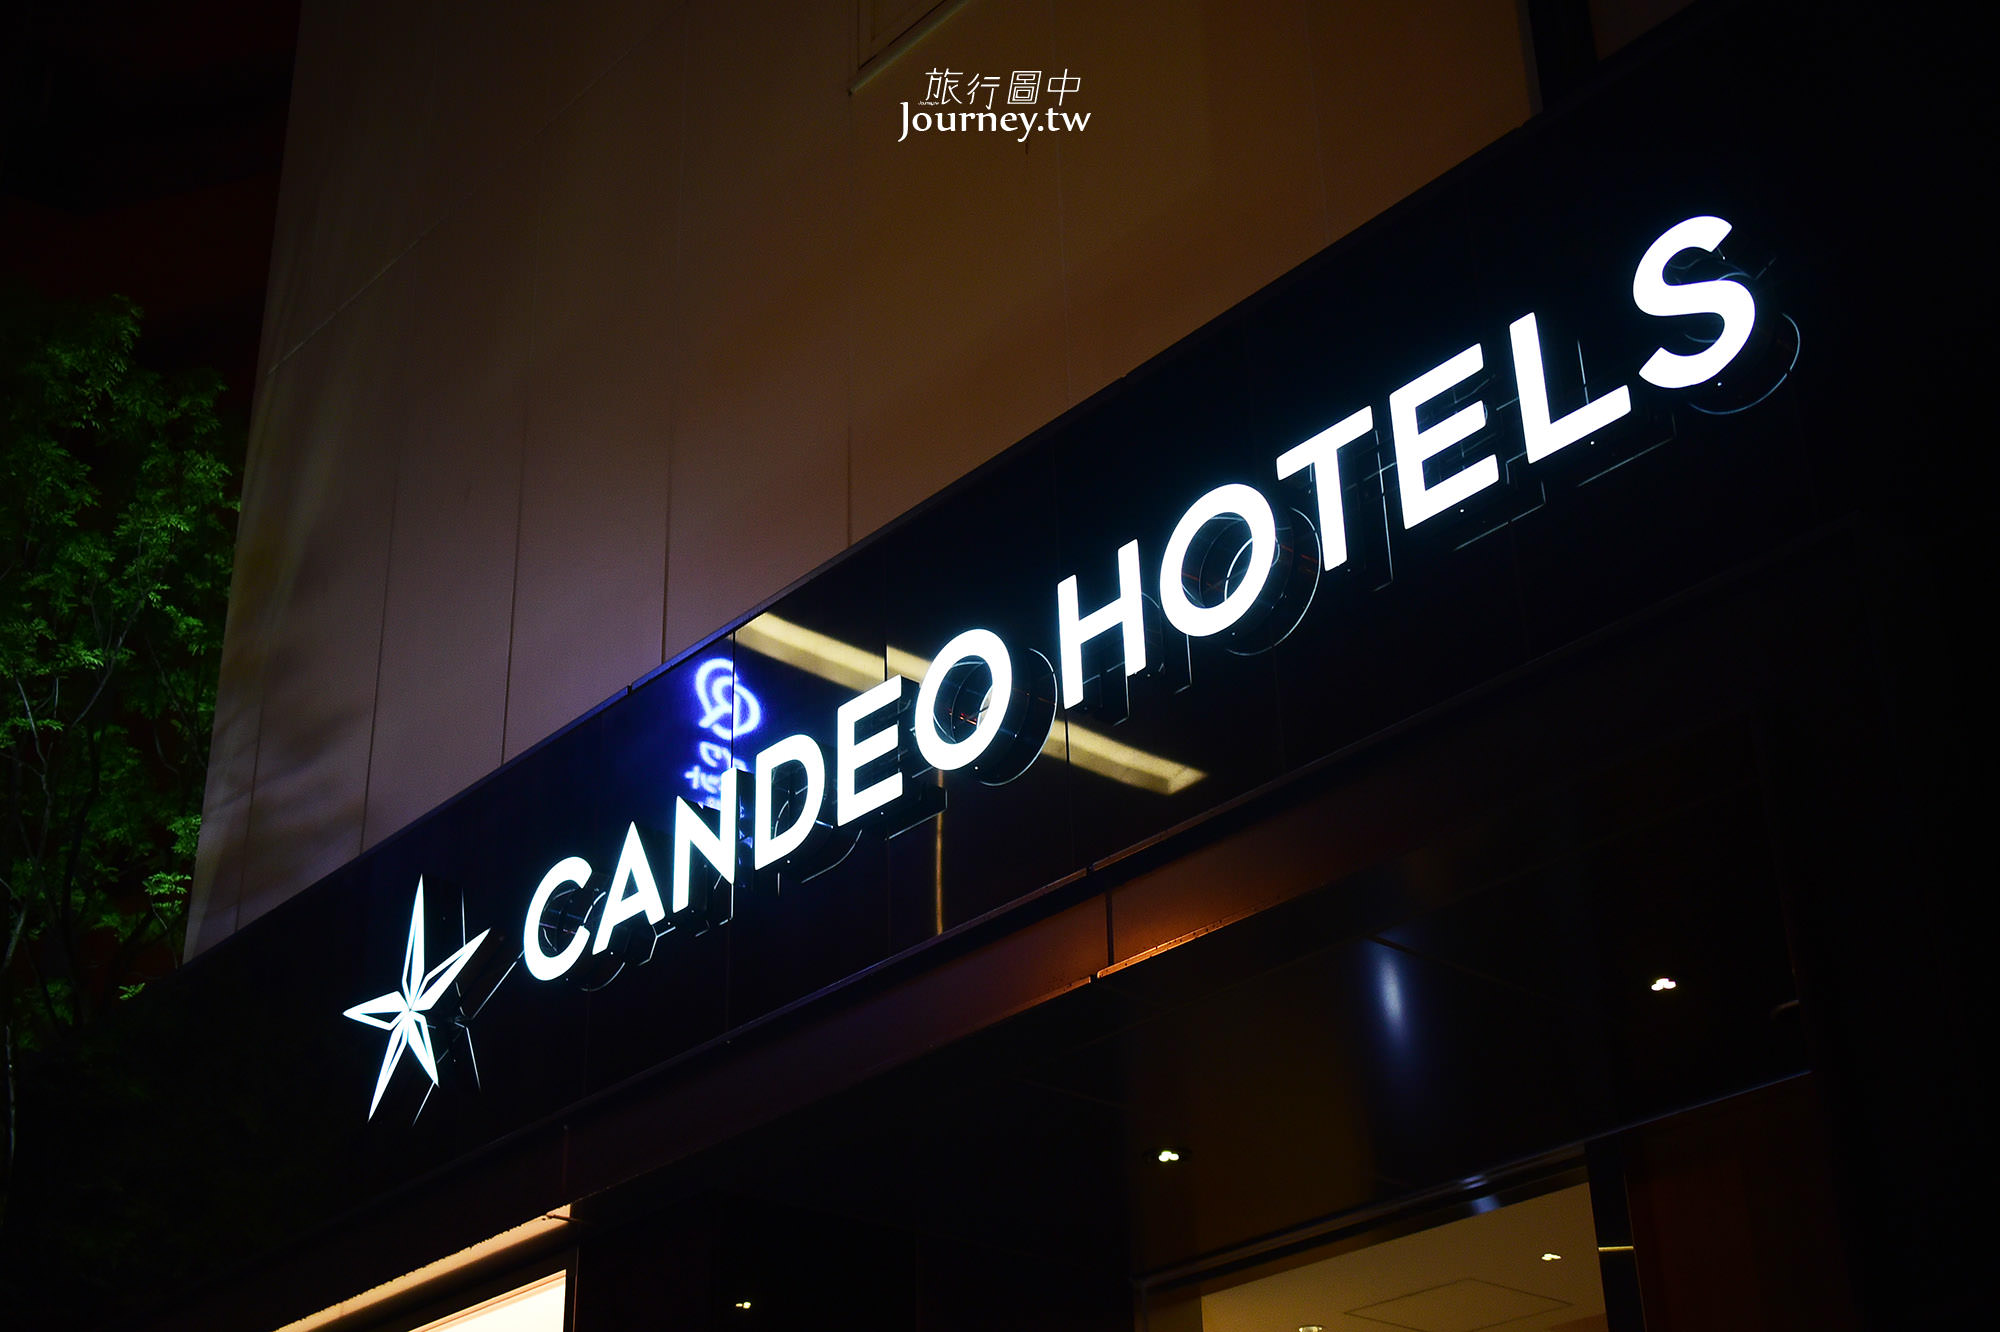 四國,愛媛,松山住宿,松山大街道光芒飯店,松山大街道,Candeo Hotel Matsuyama